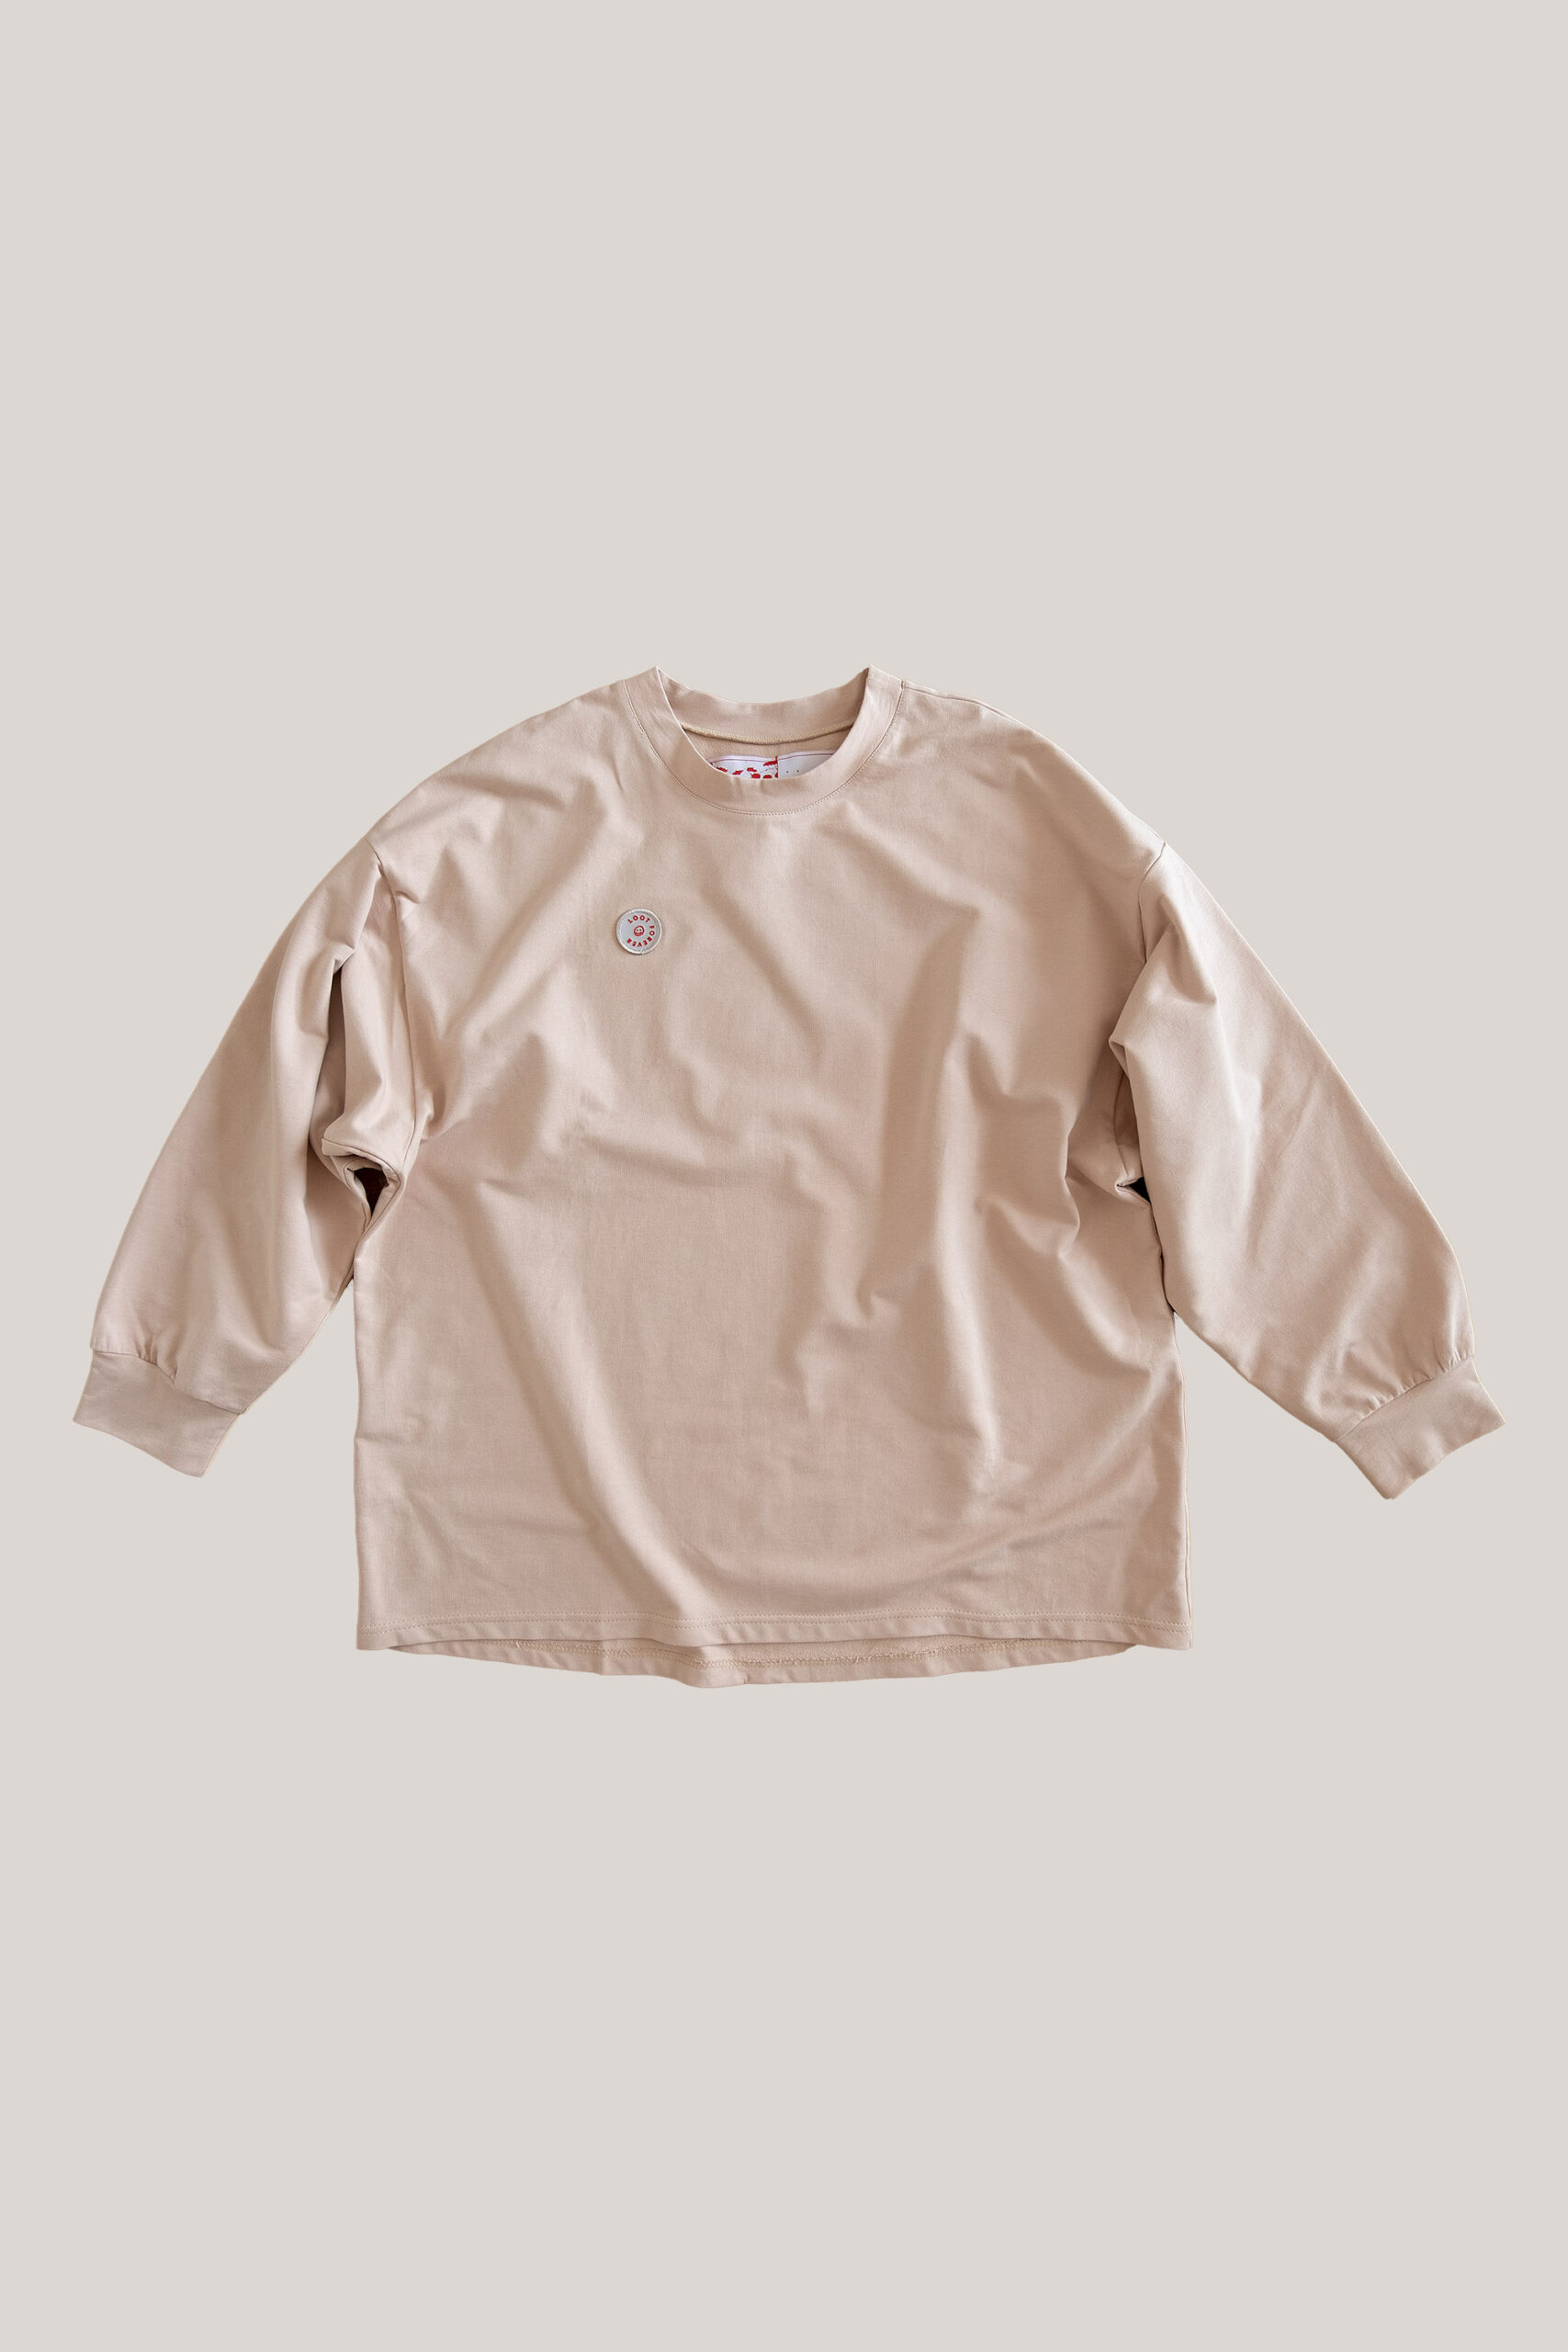 Oversized-Sweatshirt-1